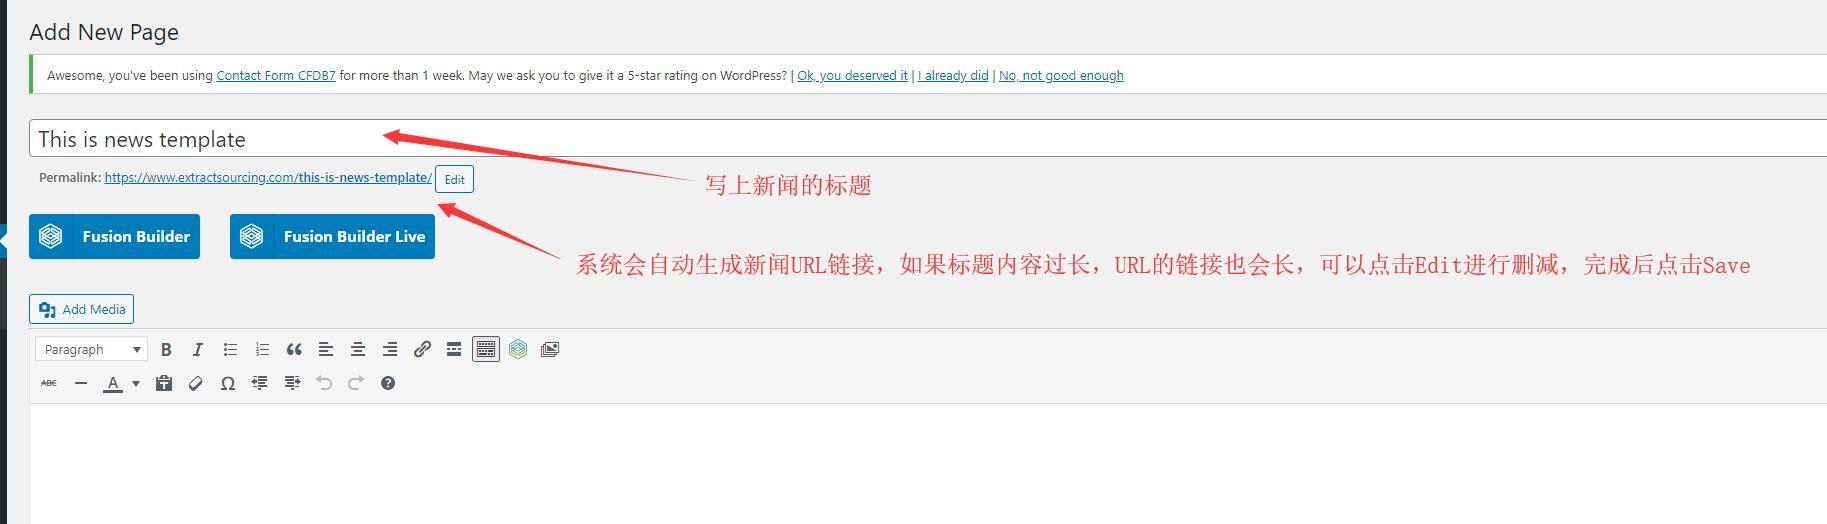 5.1 外贸网站新闻页面添加标题